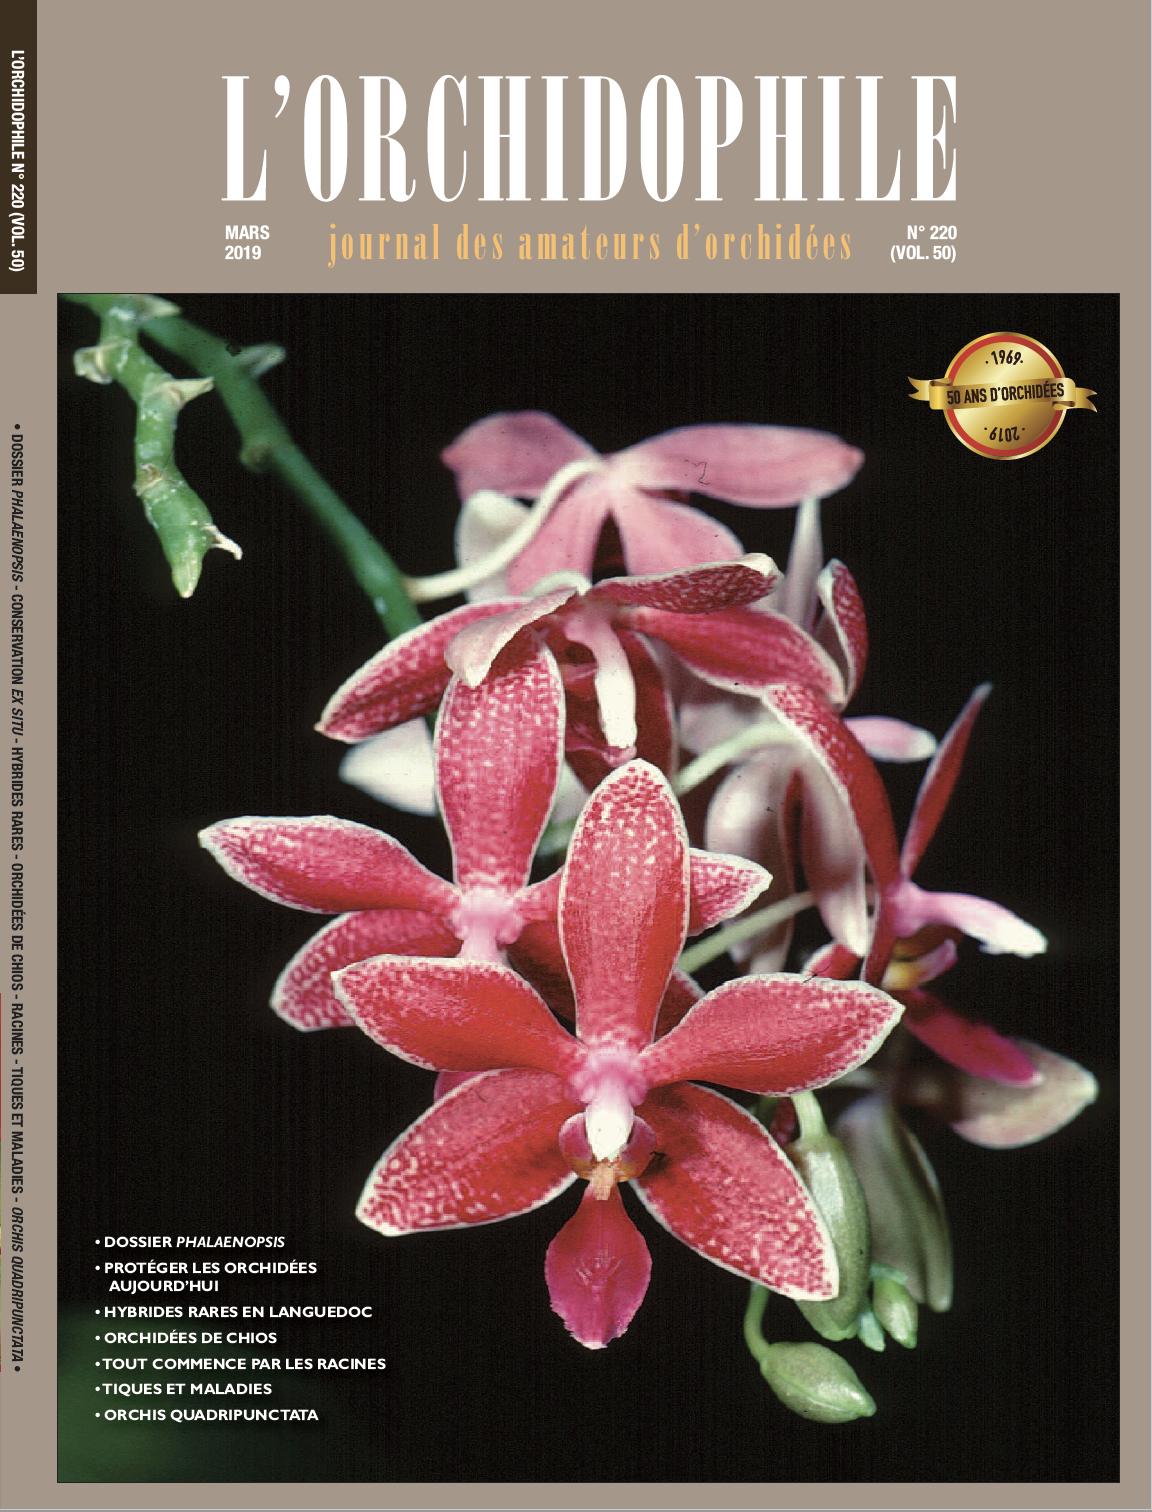 Couverture L'Orchidophile n°220, magazine des amateurs d'orchidées